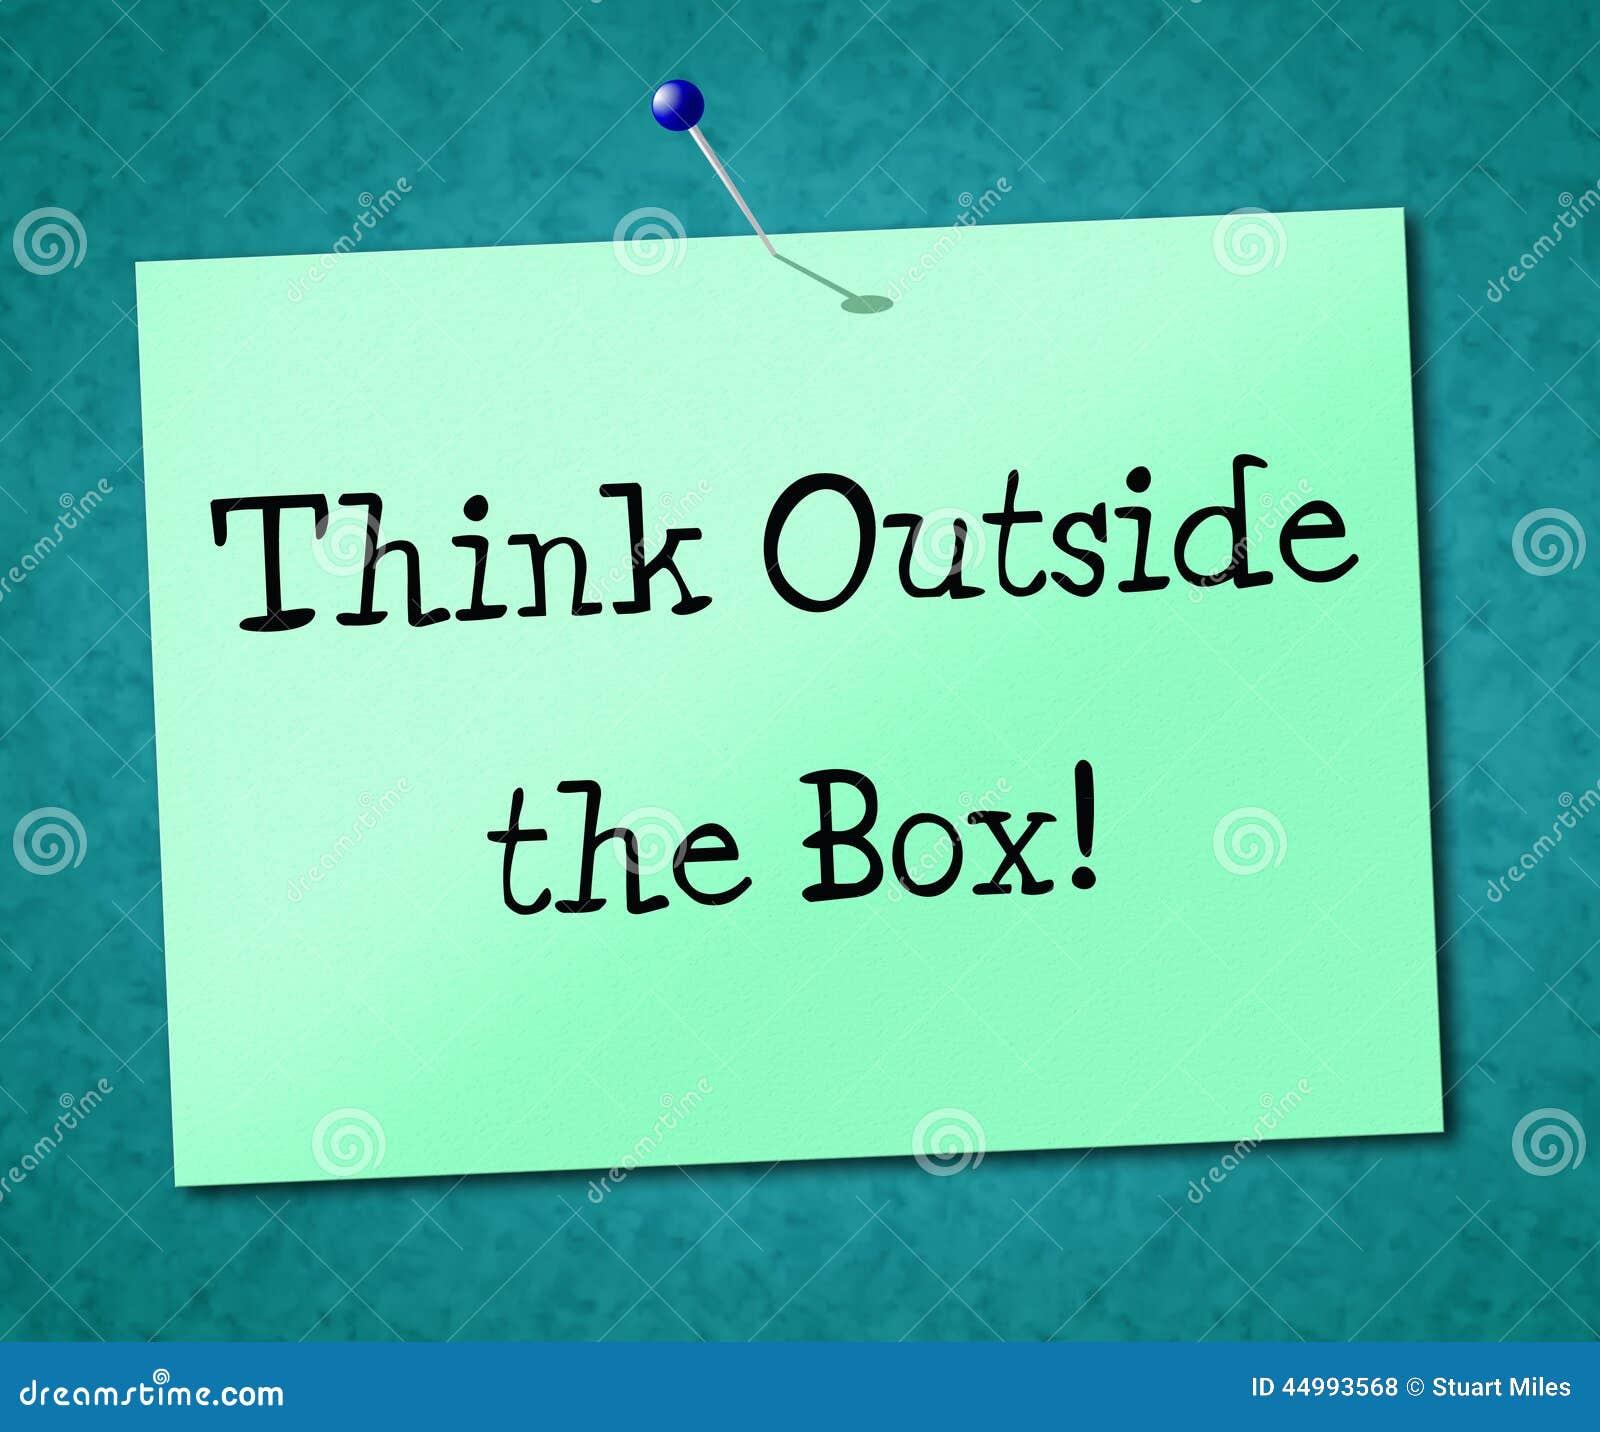 opinion ideas